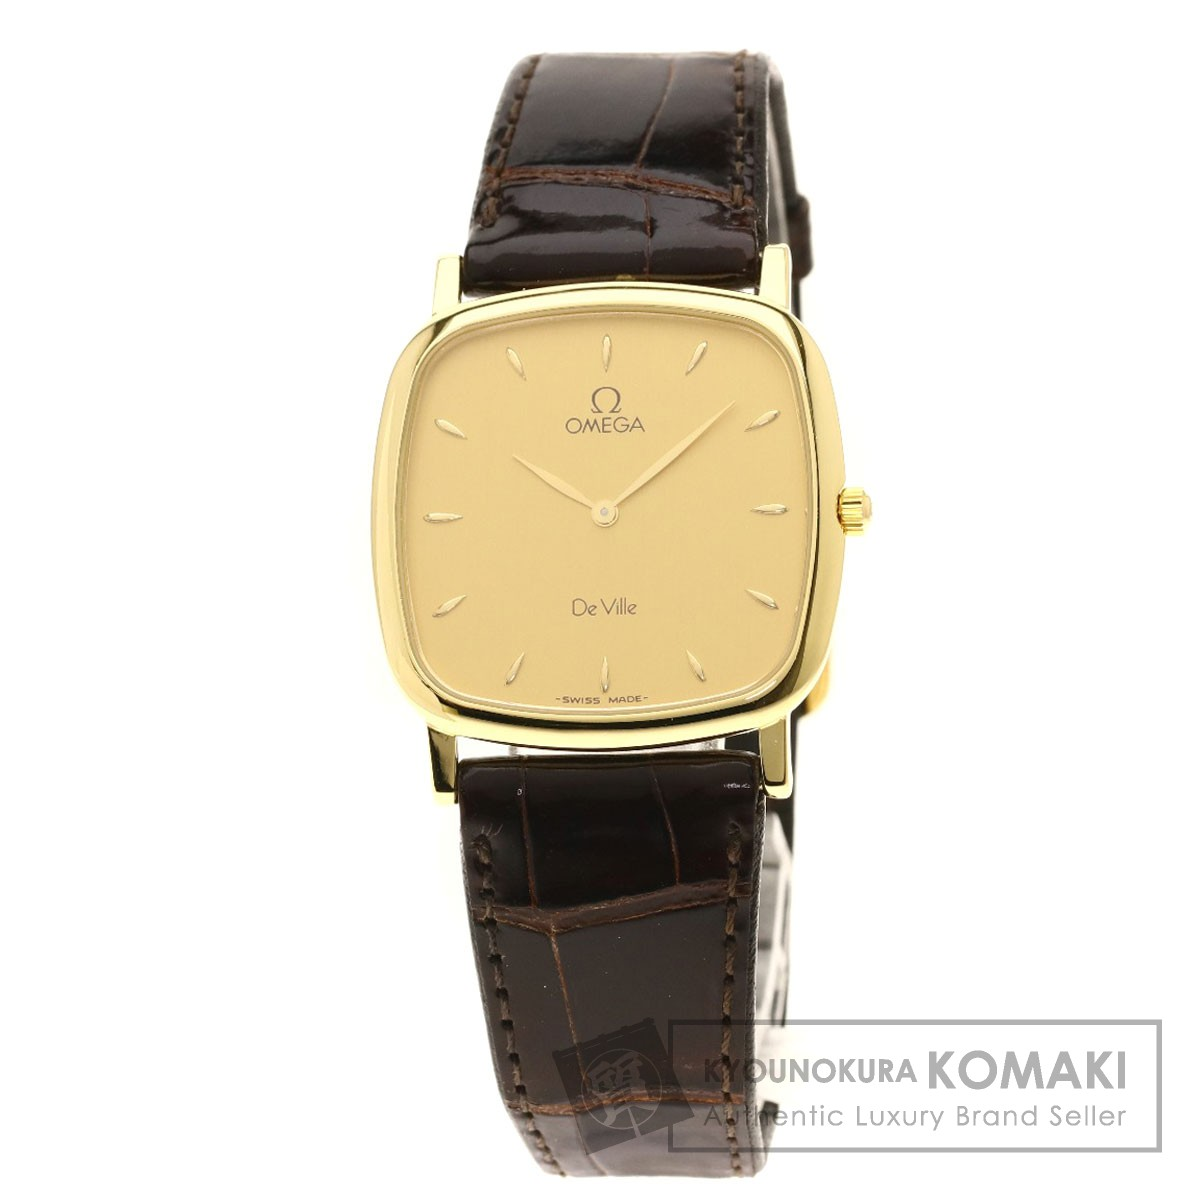 オメガ デビル 腕時計 K18イエローゴールド/アリゲーター メンズ 【中古】【OMEGA】